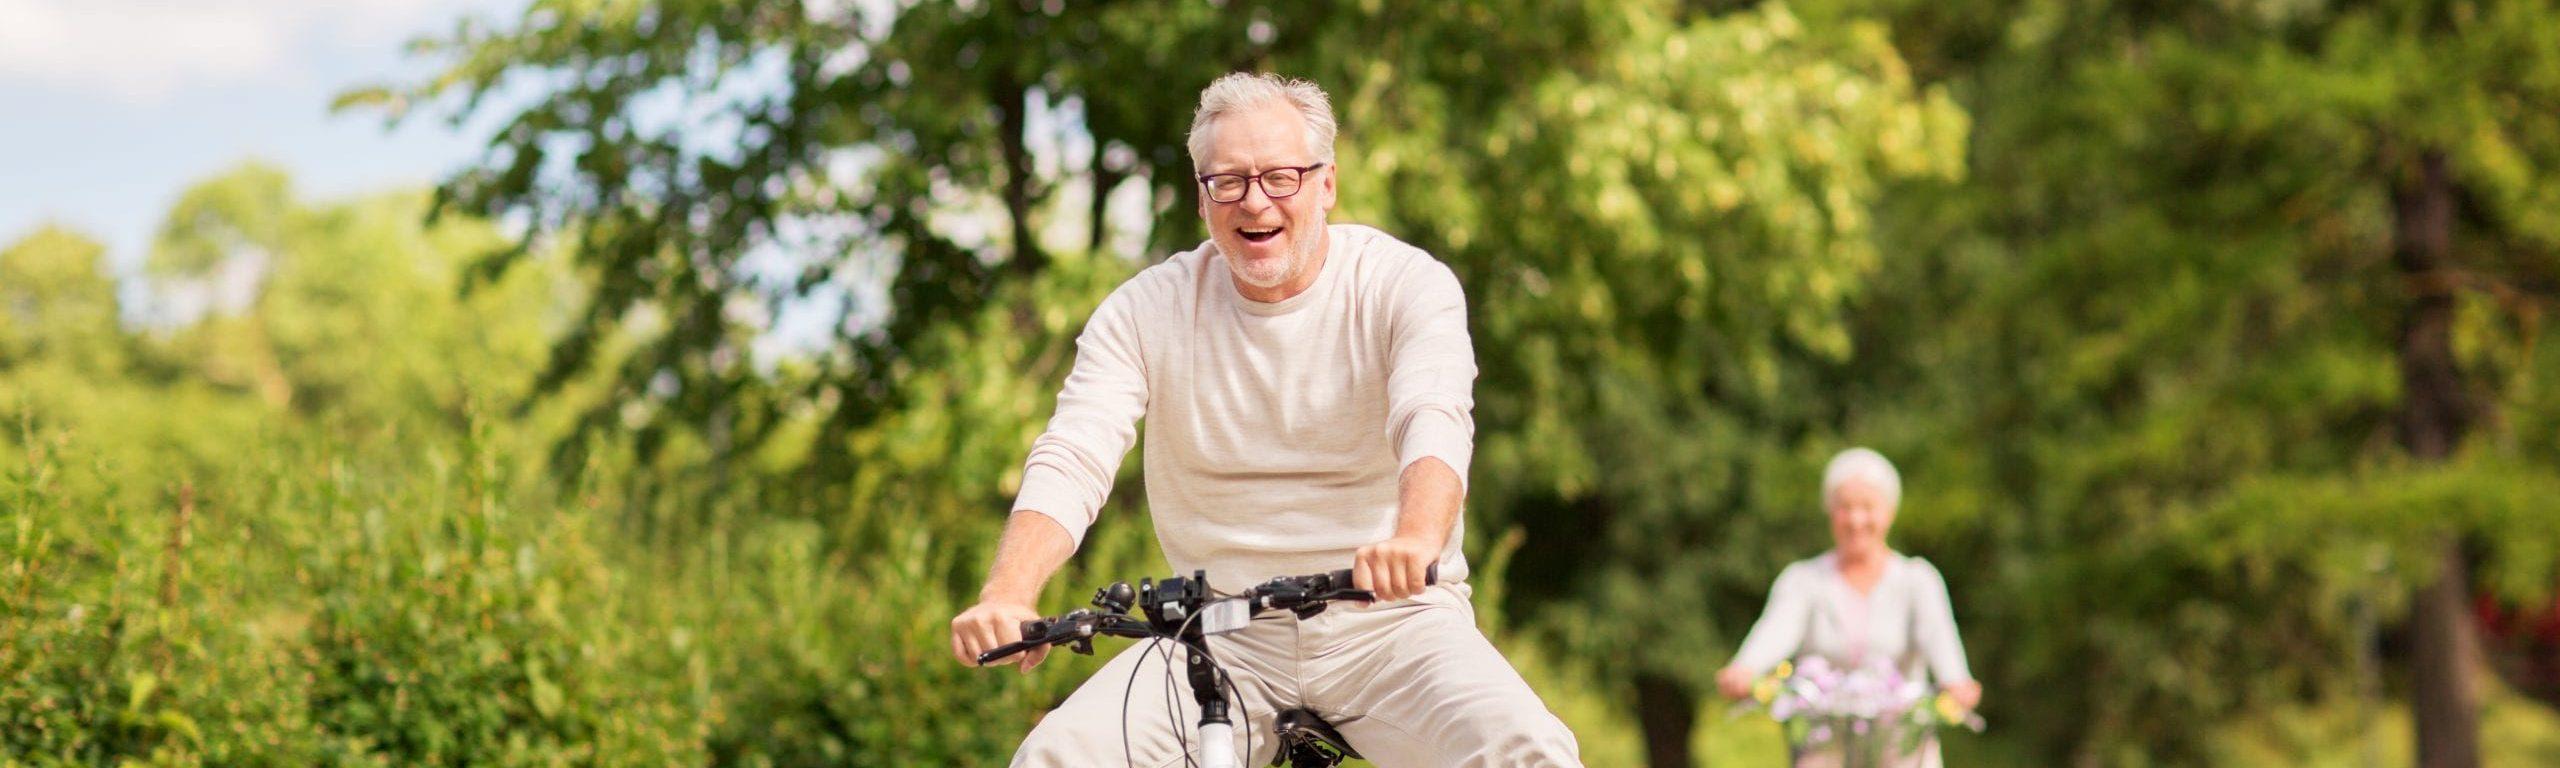 Aktives Seniorenpärchen fährt Fahrrad, Mann lacht und lässt Beine baumeln